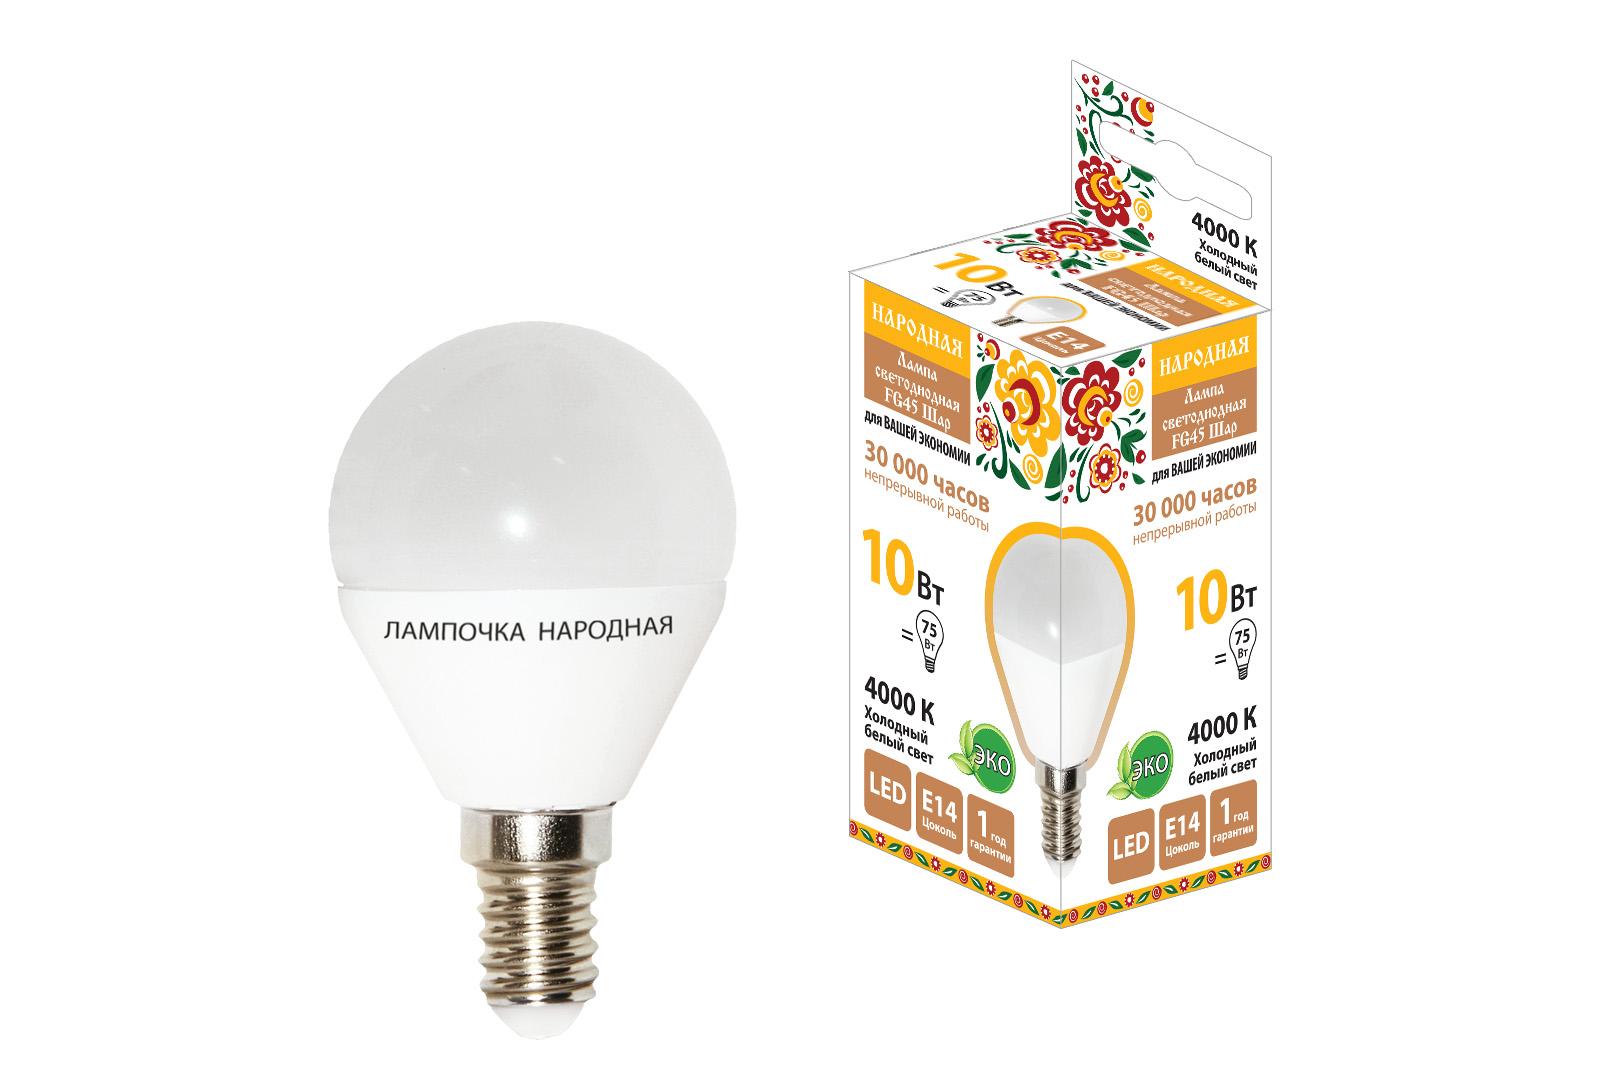 Фото Лампа светодиодная FG45-10 Вт-230 В-4000 К–E14 Народная {SQ0340-1606}